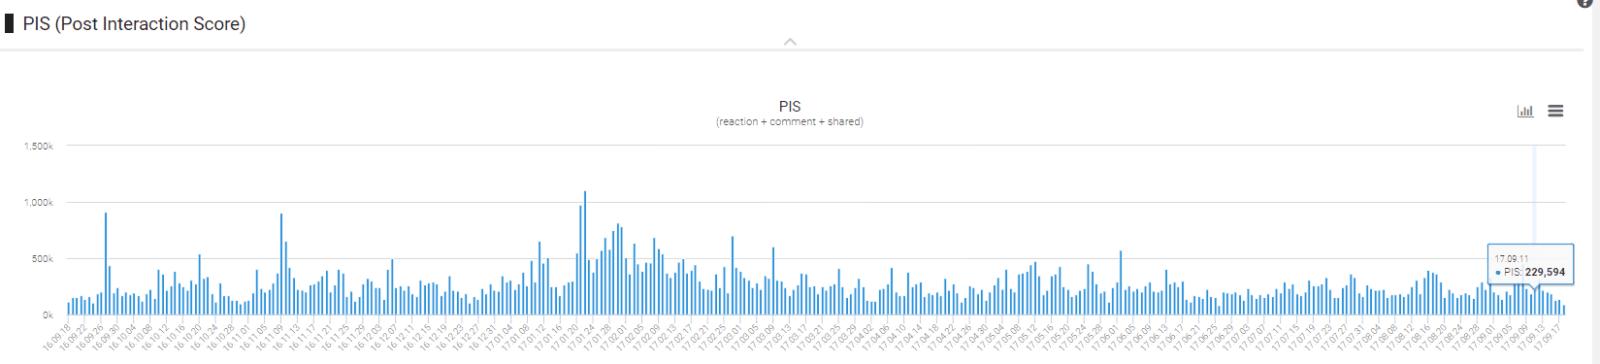 NYT 페이스북 연간 PIS 지수-2017년 9월